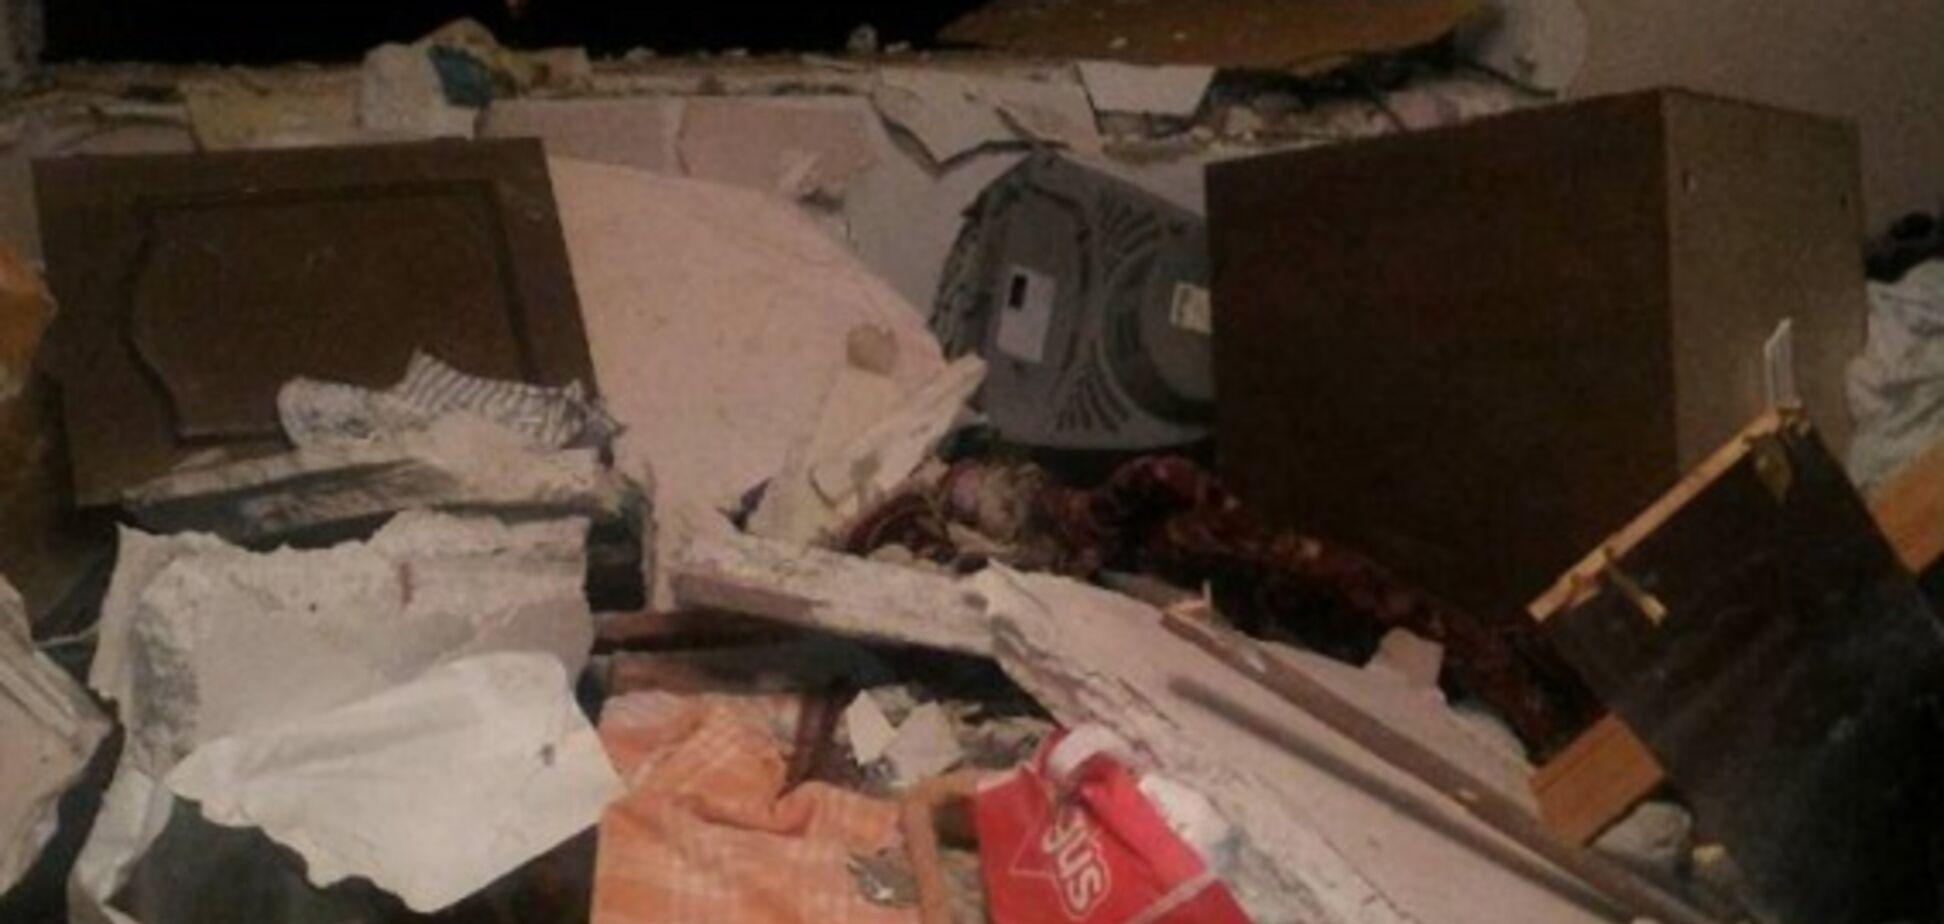 Умерла несколько дней назад: всплыли шокирующие детали мощного взрыва в Киеве